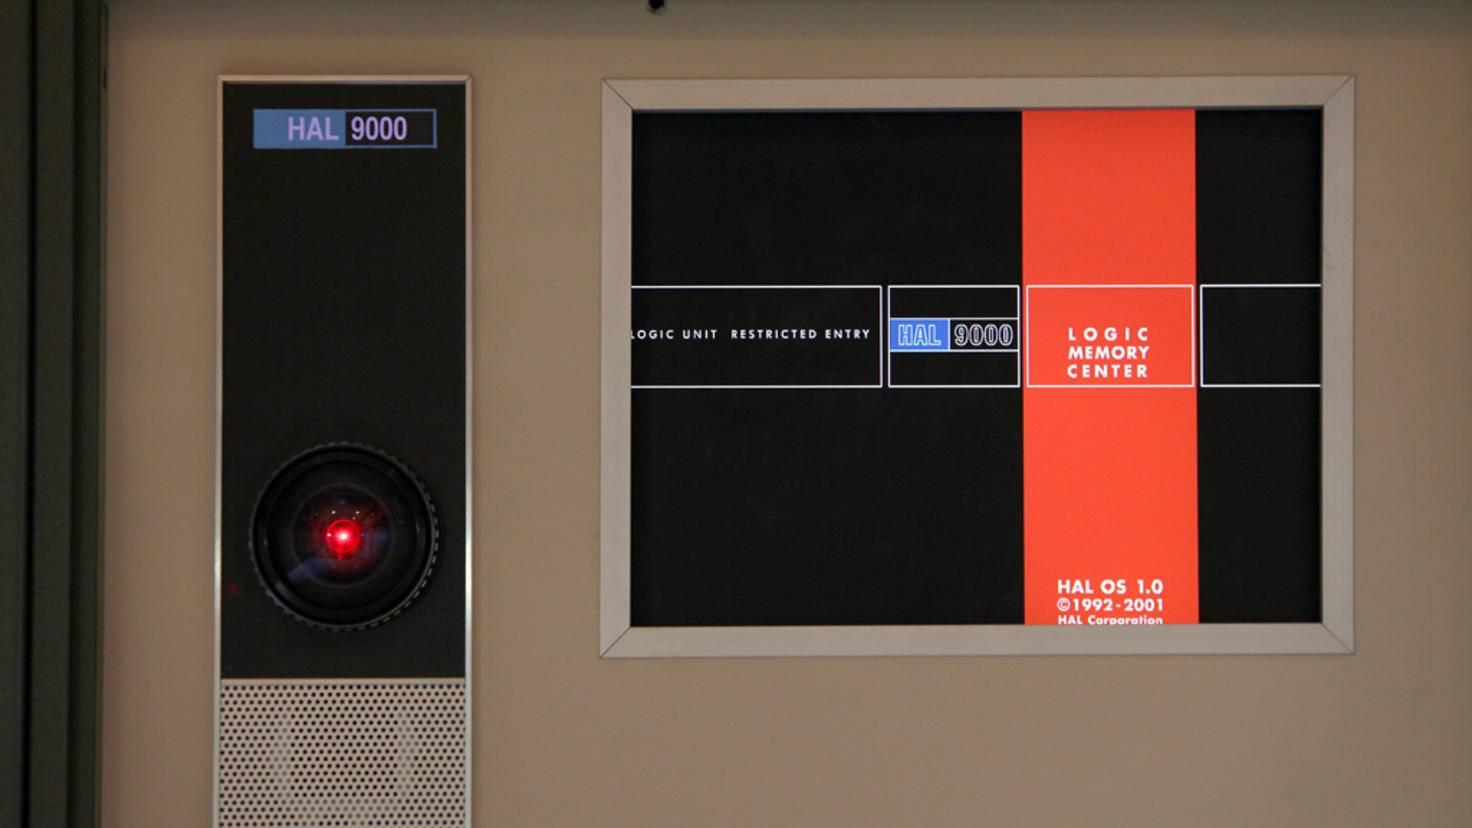 Optisch ist Hal 9000 nicht gerade ansprechend ...